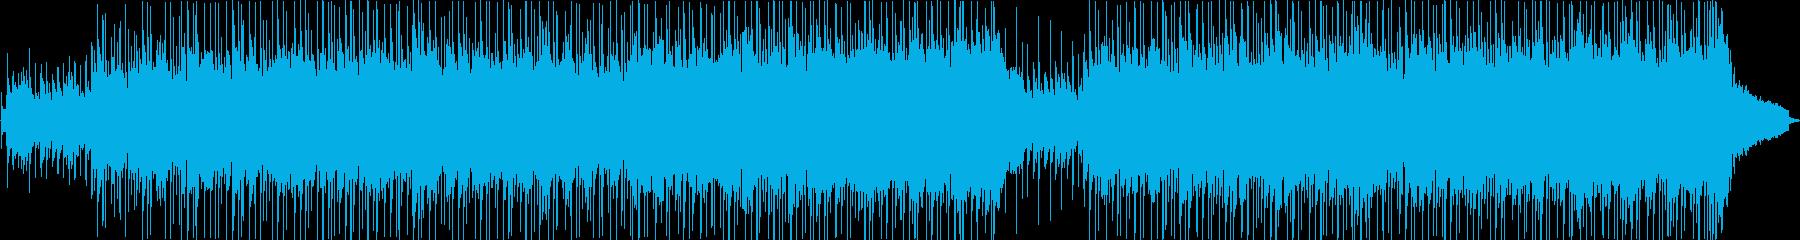 アップビート・ビンテージ・ポップの再生済みの波形